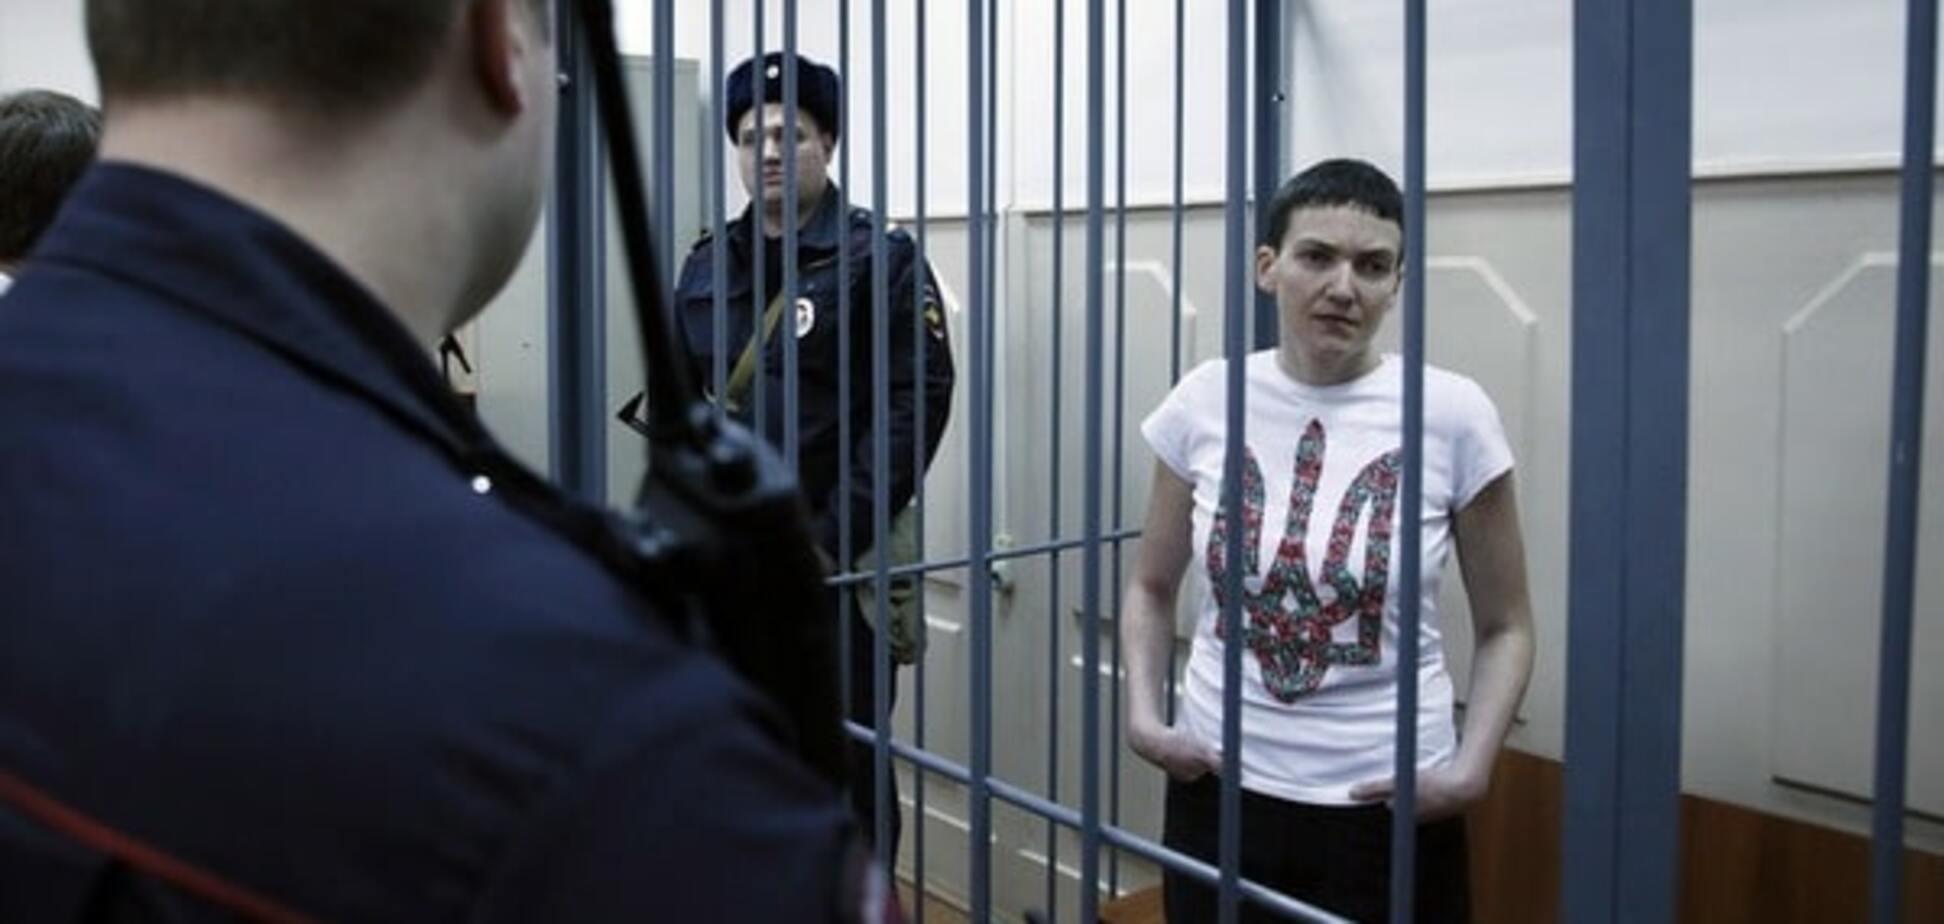 Савченко выдвинула новое требование суду:  процесс должен закончиться сегодня